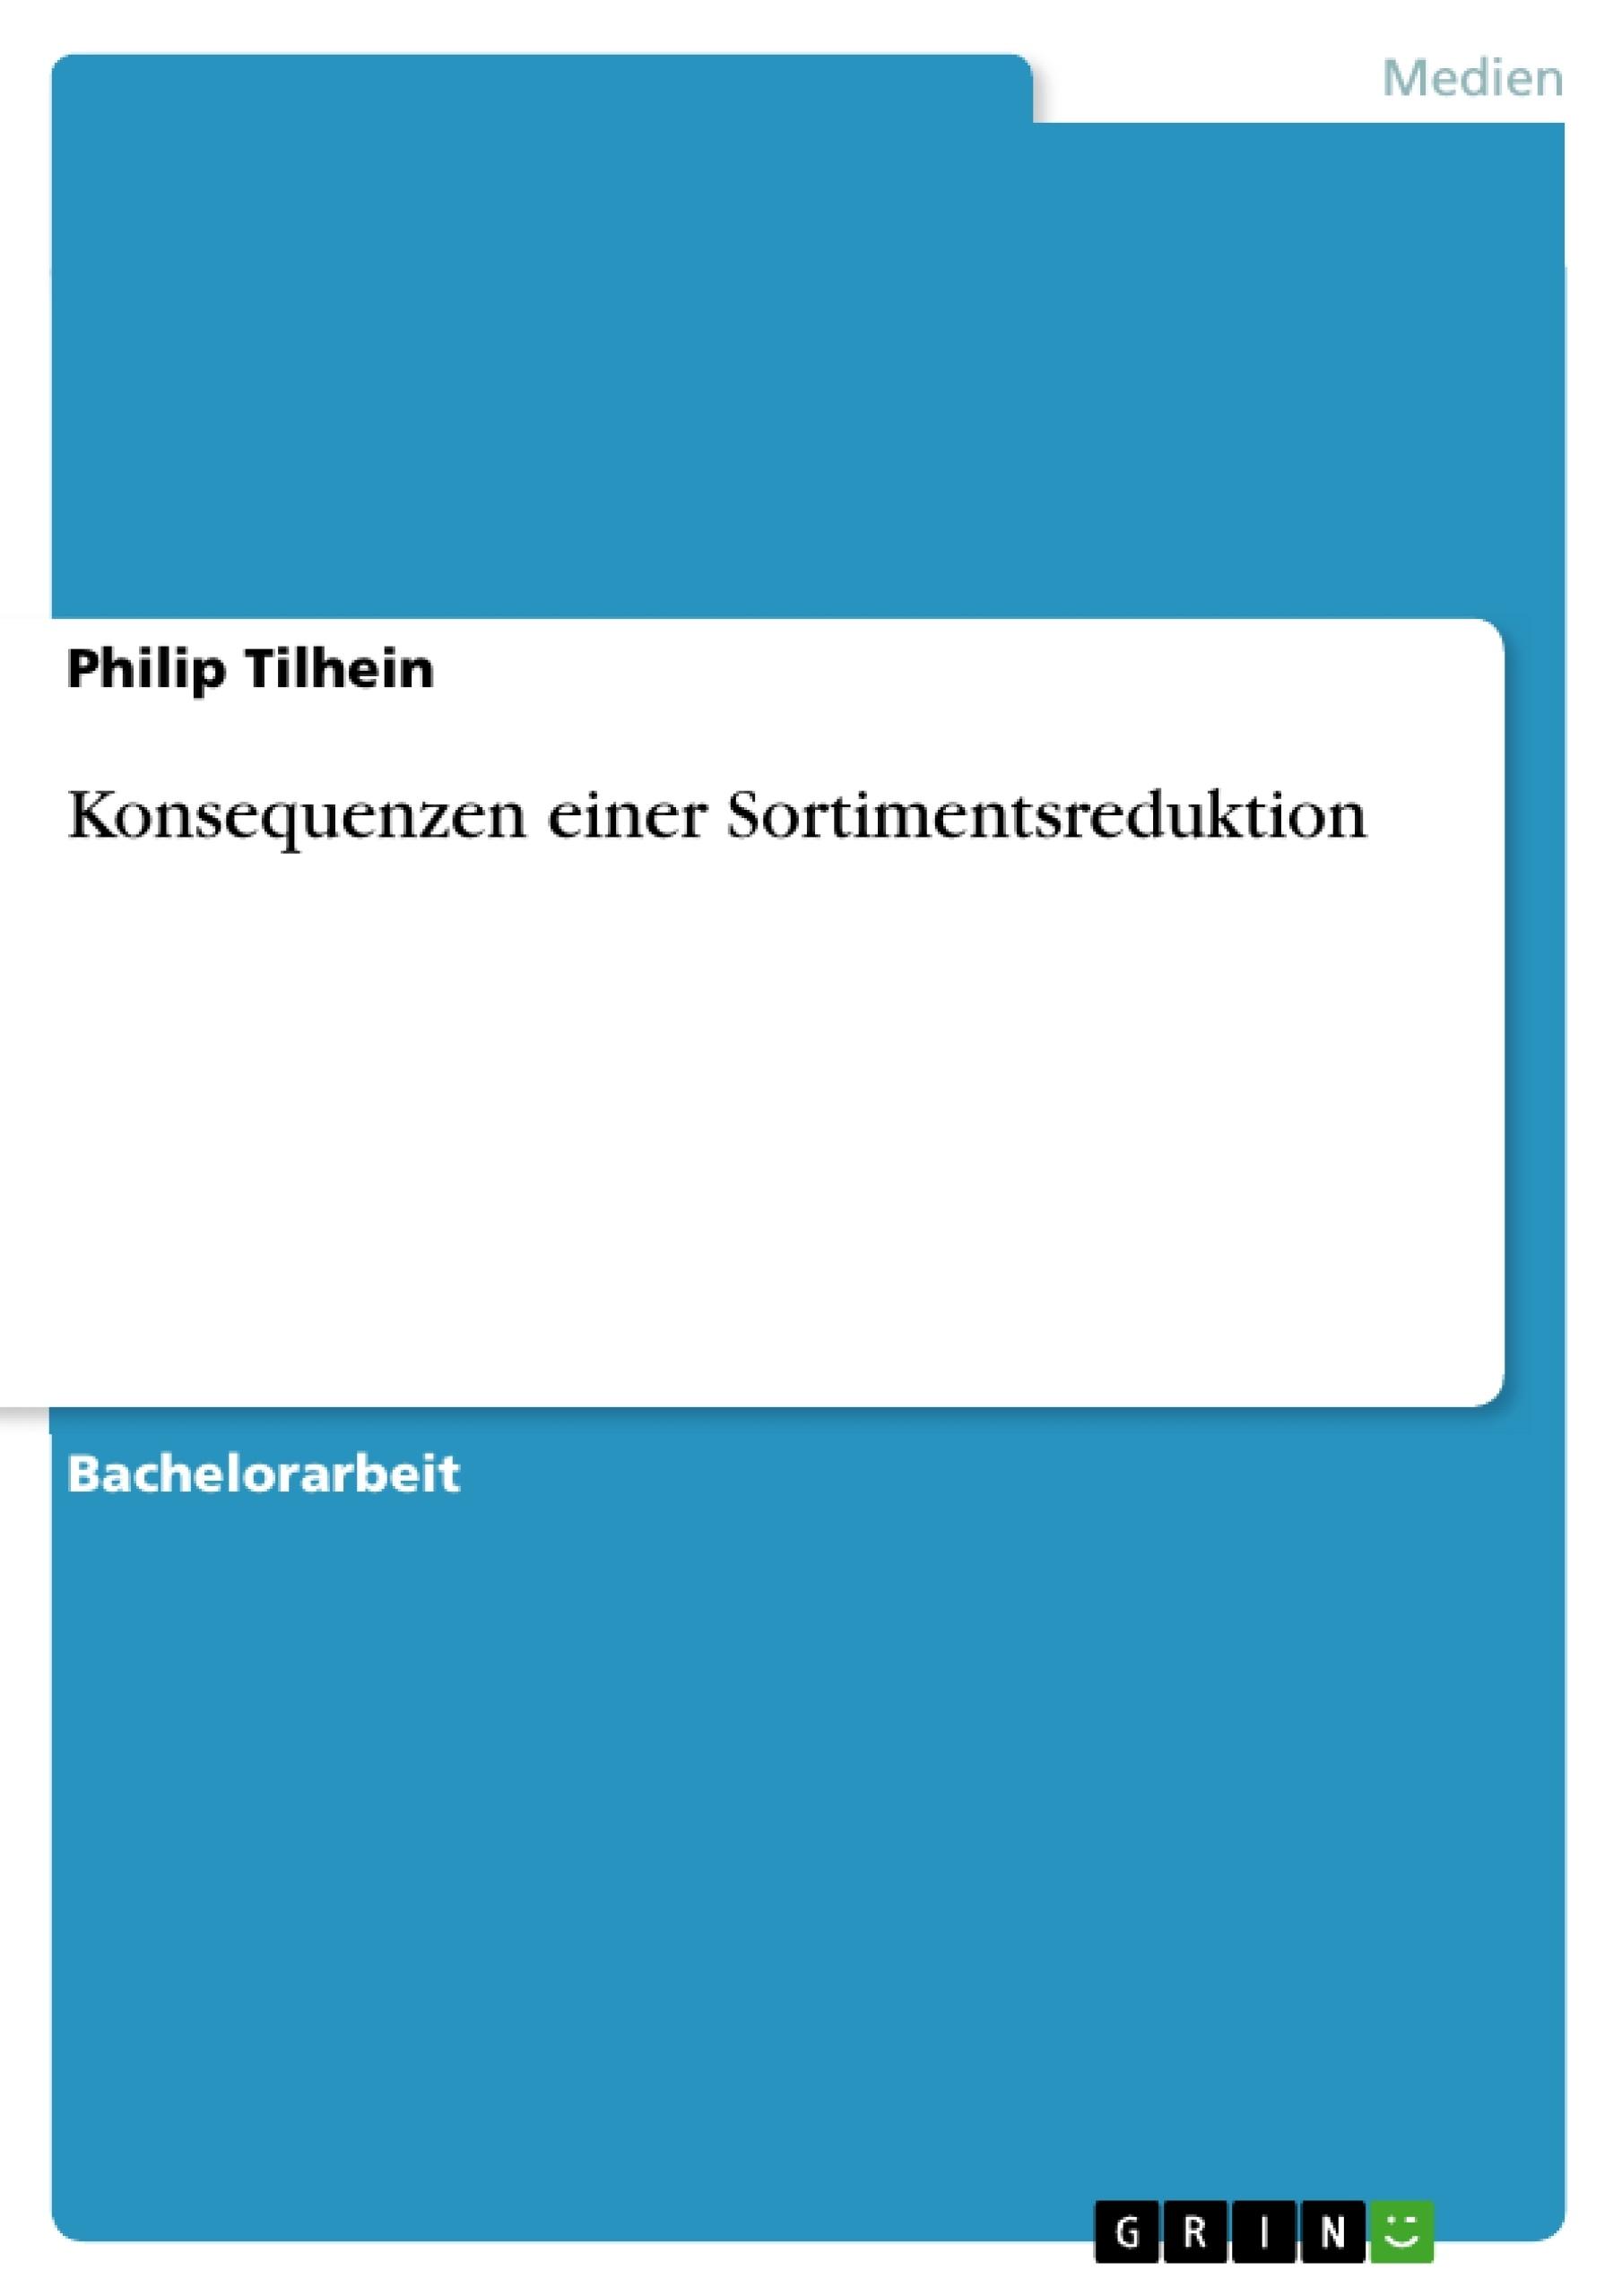 Titel: Konsequenzen einer Sortimentsreduktion